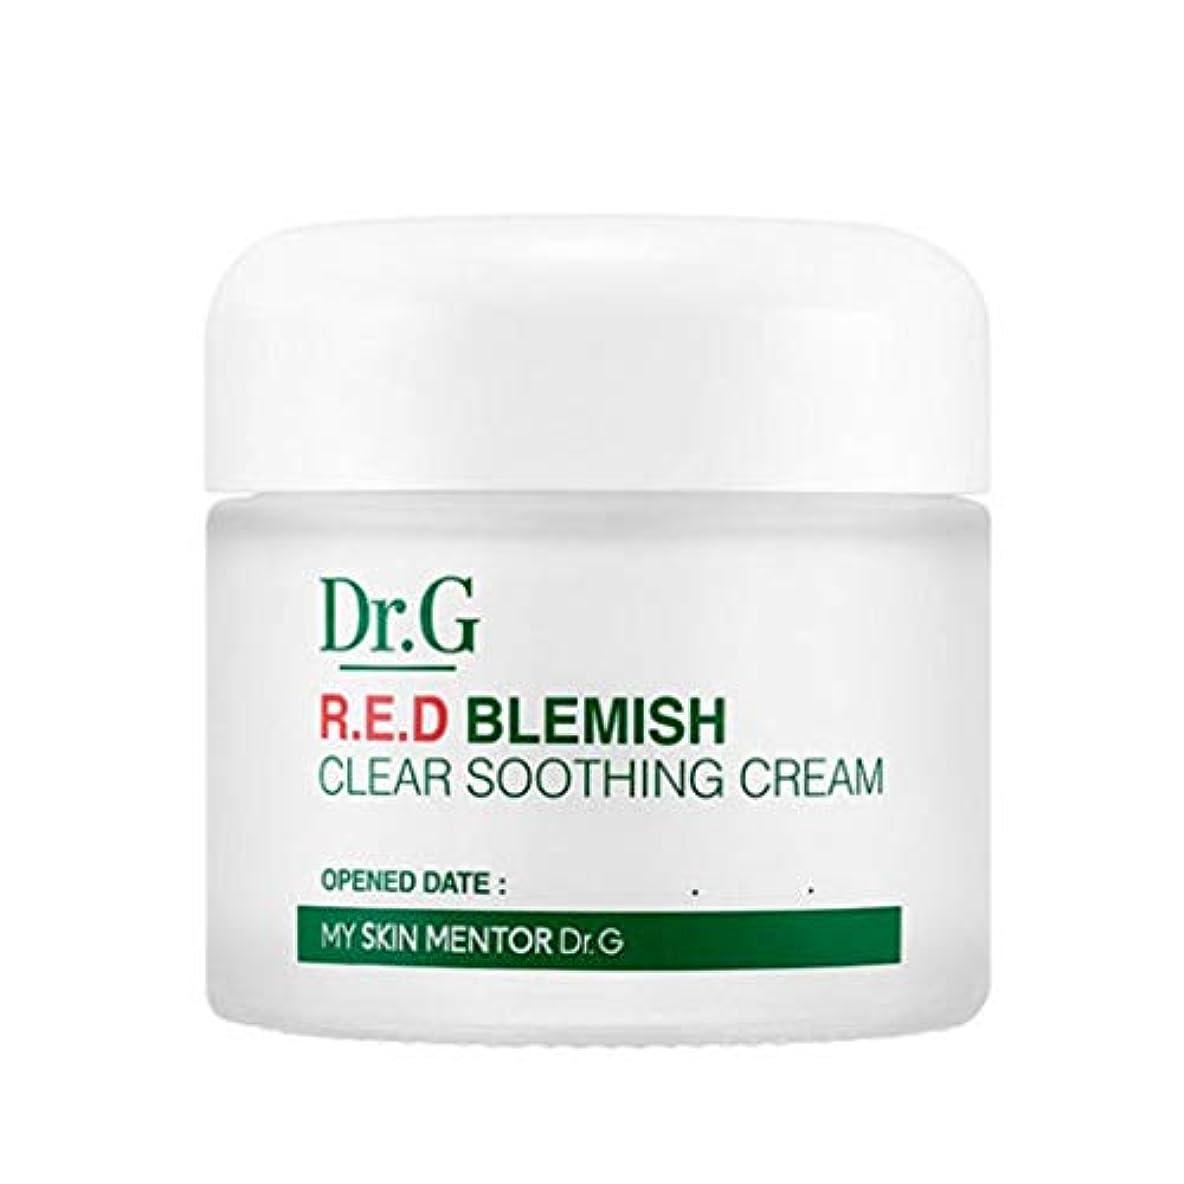 三角形遺棄された渇きドクターGレッドブレミッシュクリアスージングクリーム70ml水分クリーム、Dr.G Red Blemish Clear Soothing Cream 70ml Moisturizing Cream [並行輸入品]